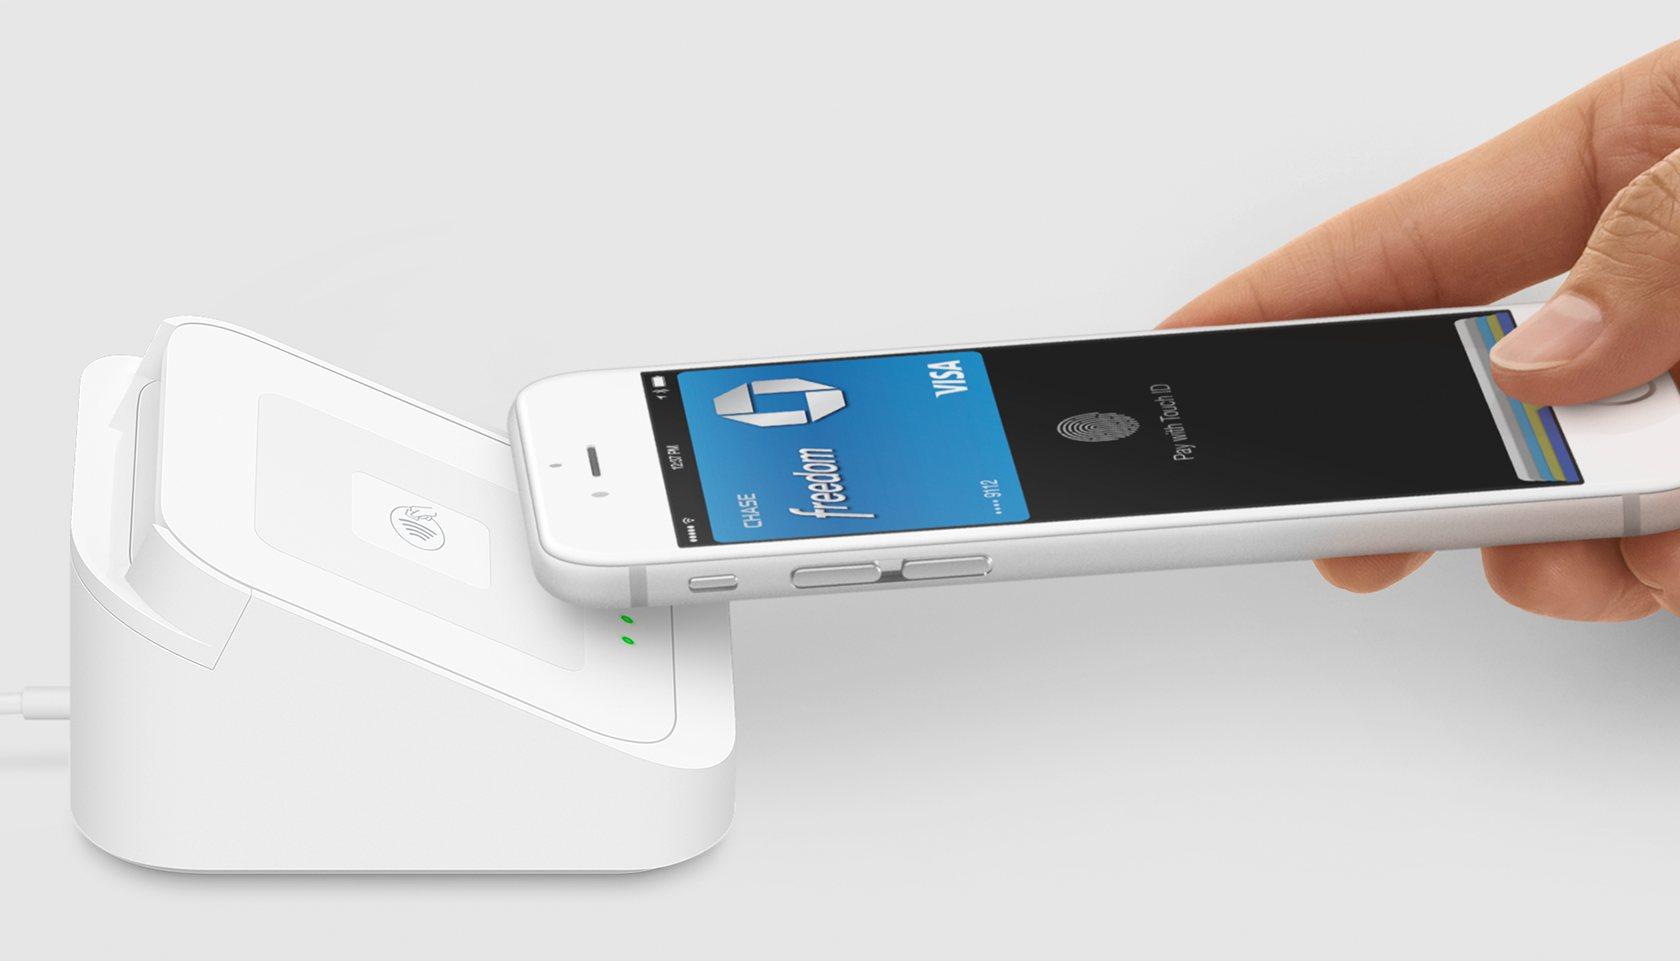 Что такое NFC в смартфоне. Можно взломать и украсть деньги?